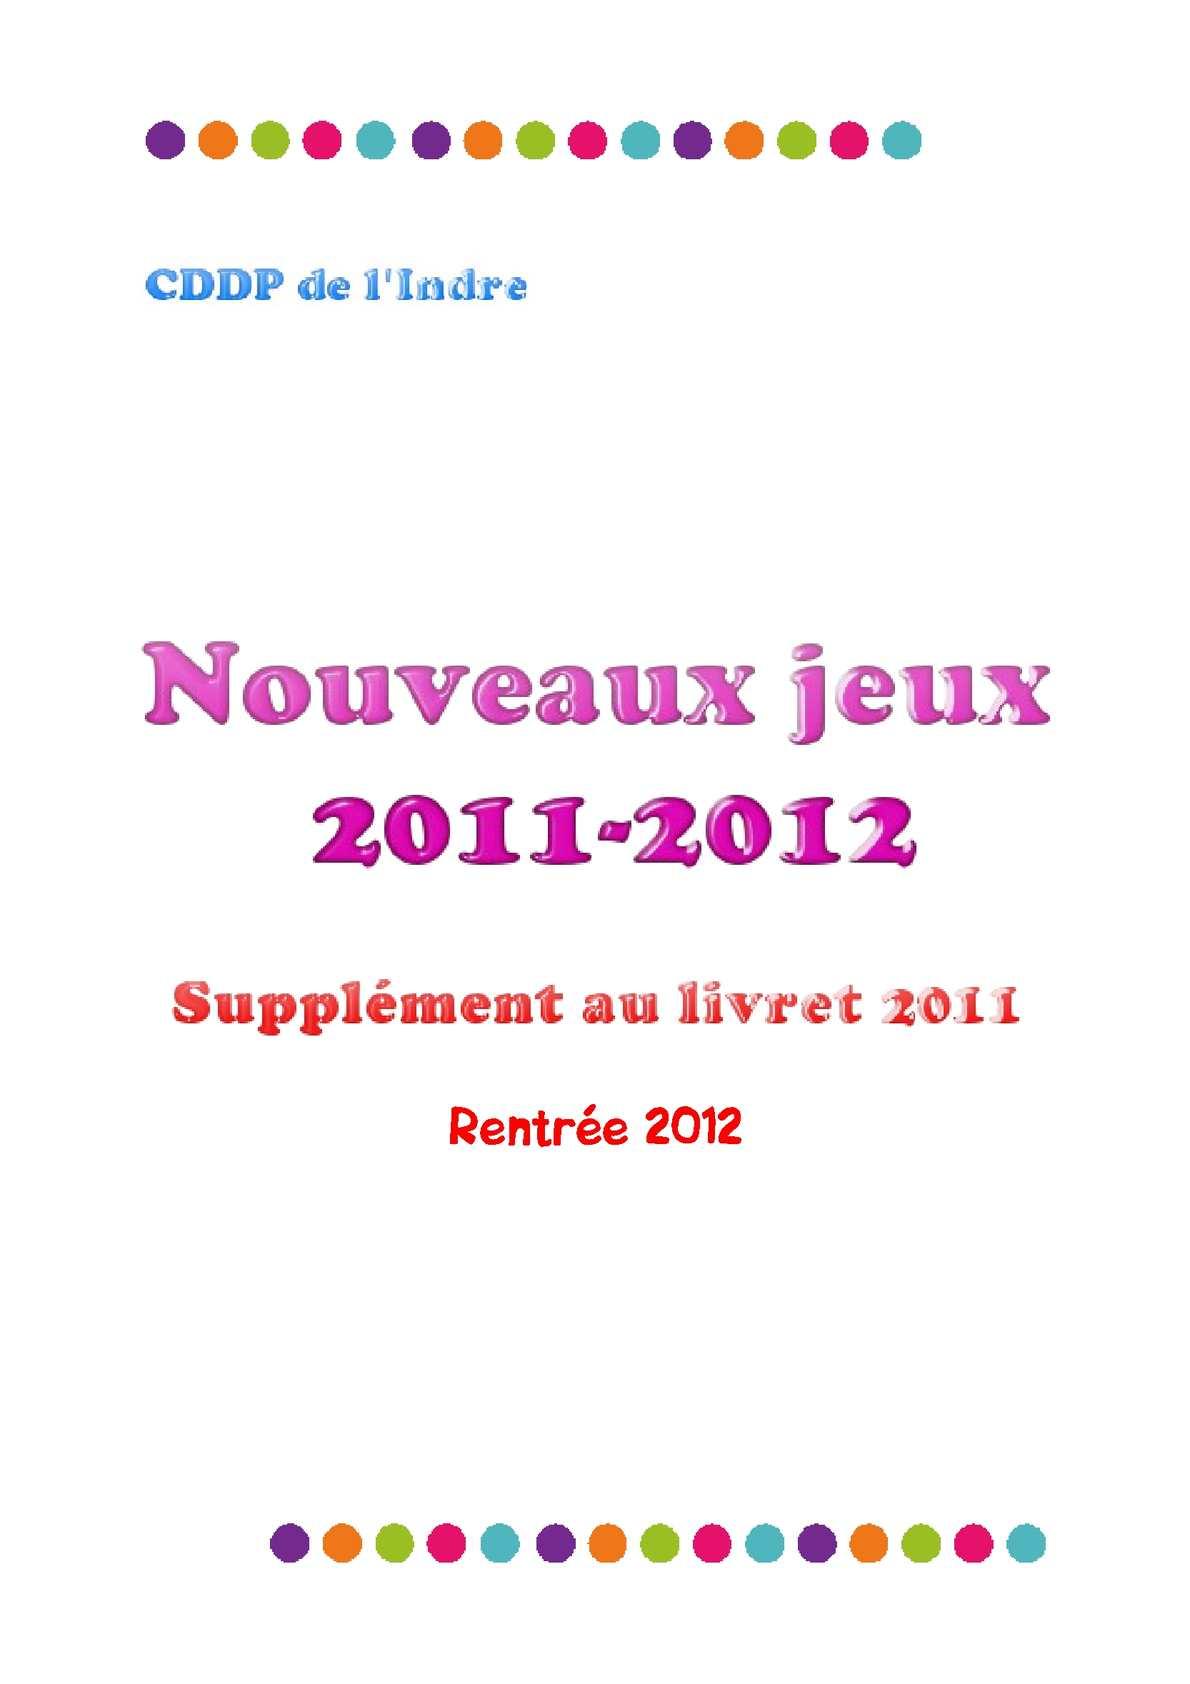 Nouveaux jeux pour la rentrée 2012